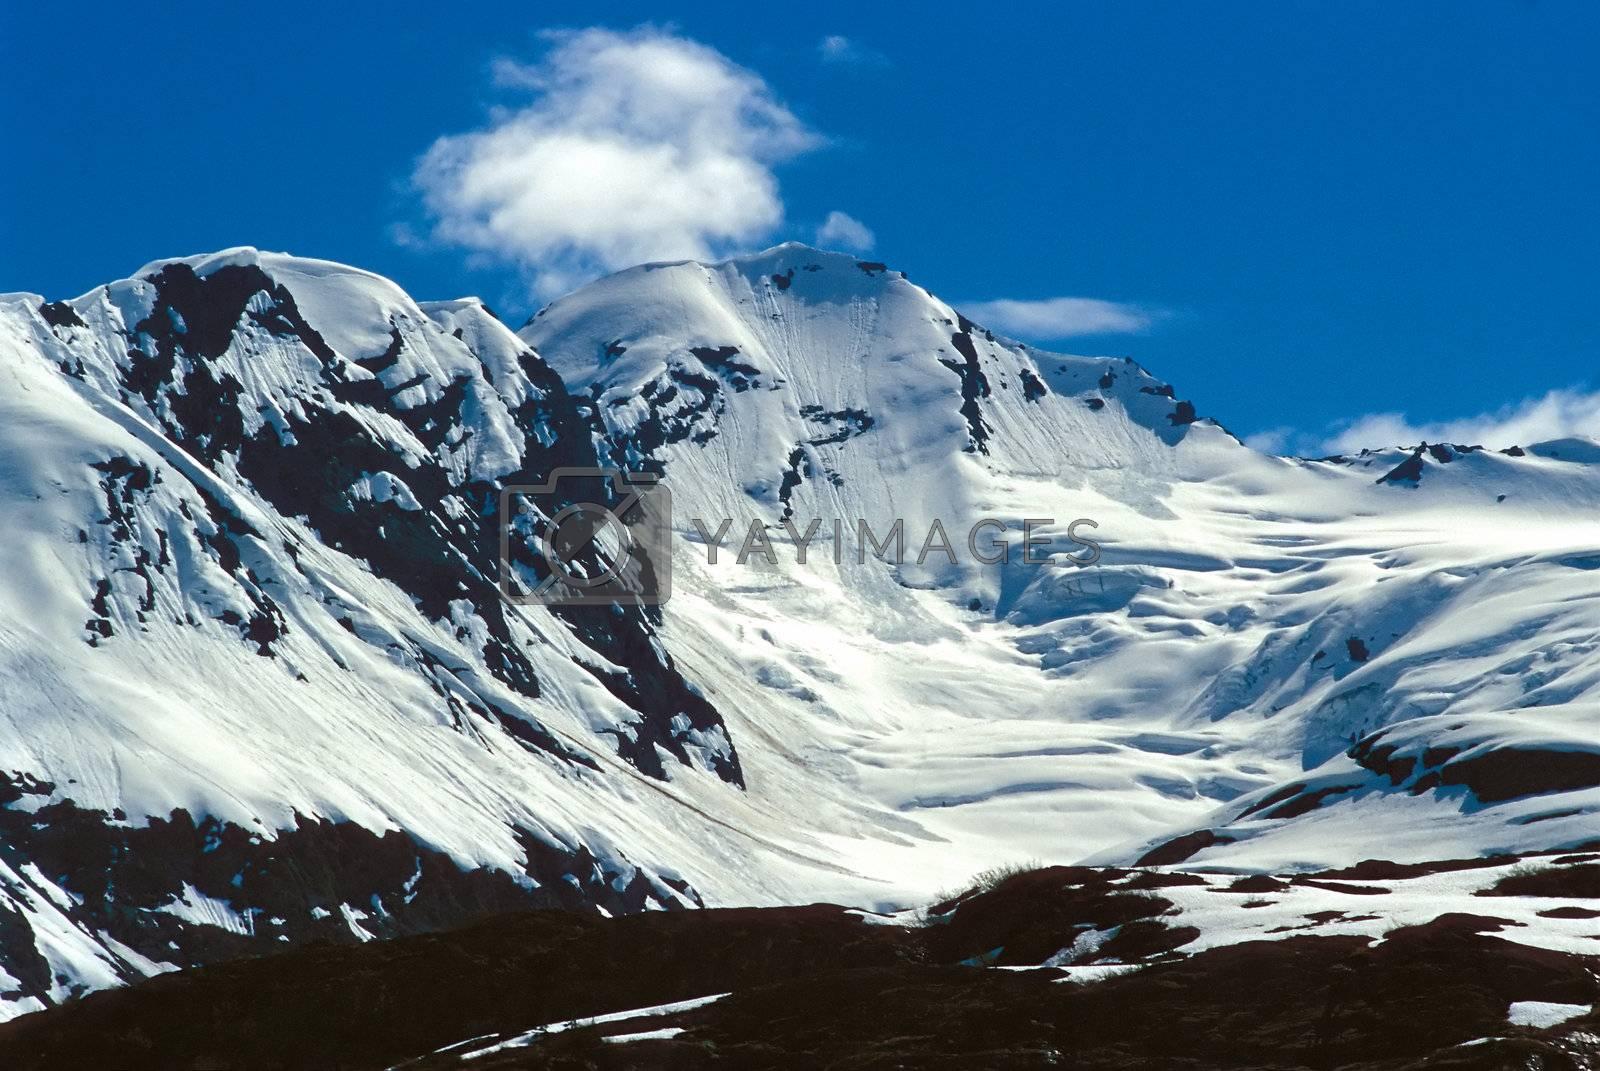 Mountains in SE Alaska, near Valdez.